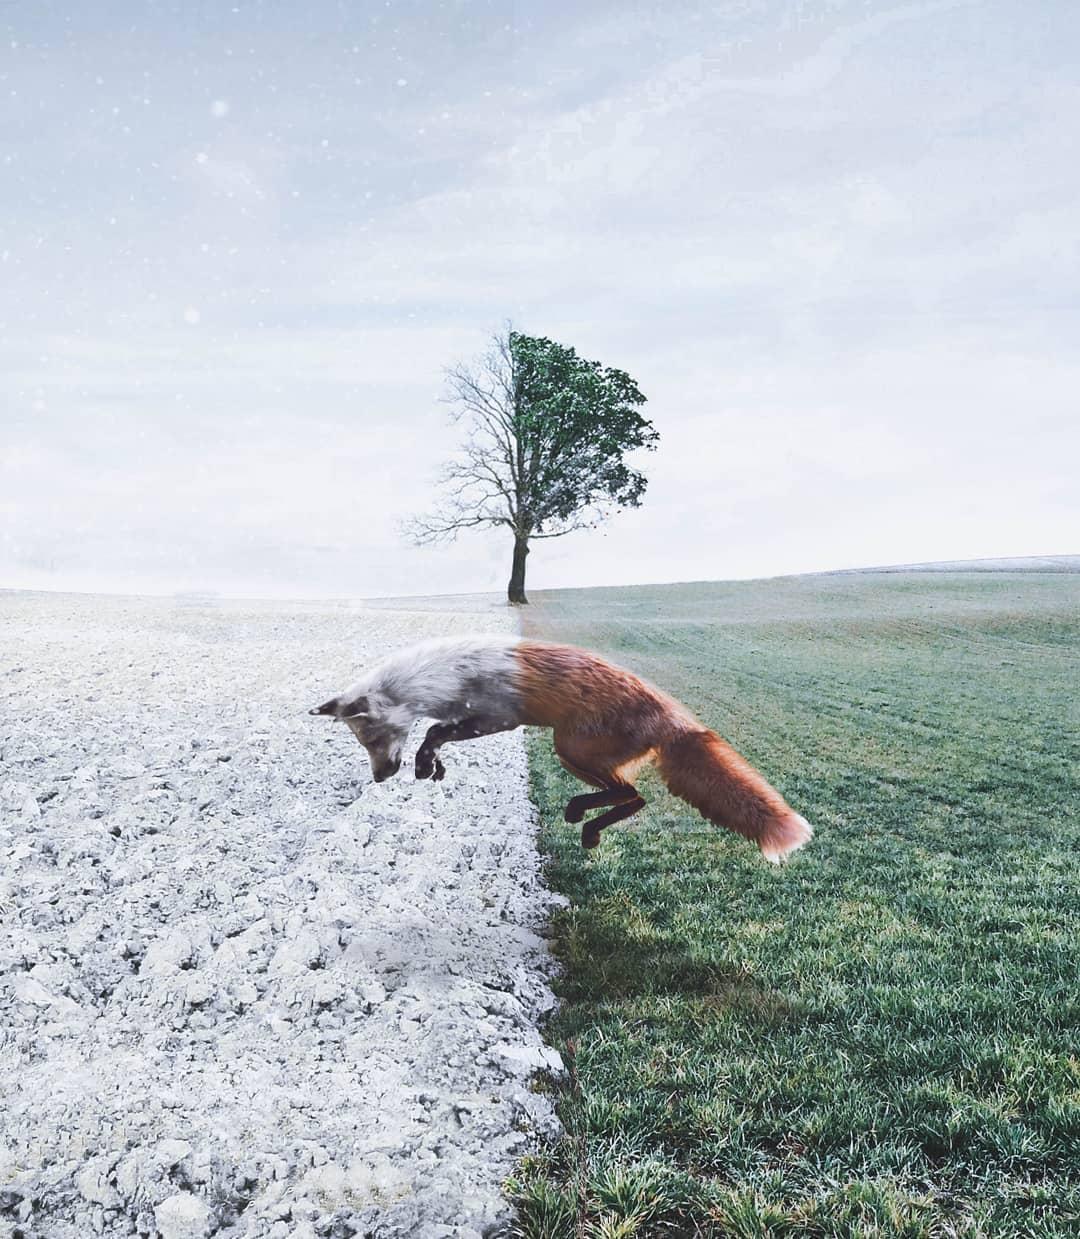 15張藝術家幫動物「創造魔法能力」的合成美照 小萌鴨「結合香蕉」畫面太衝擊!